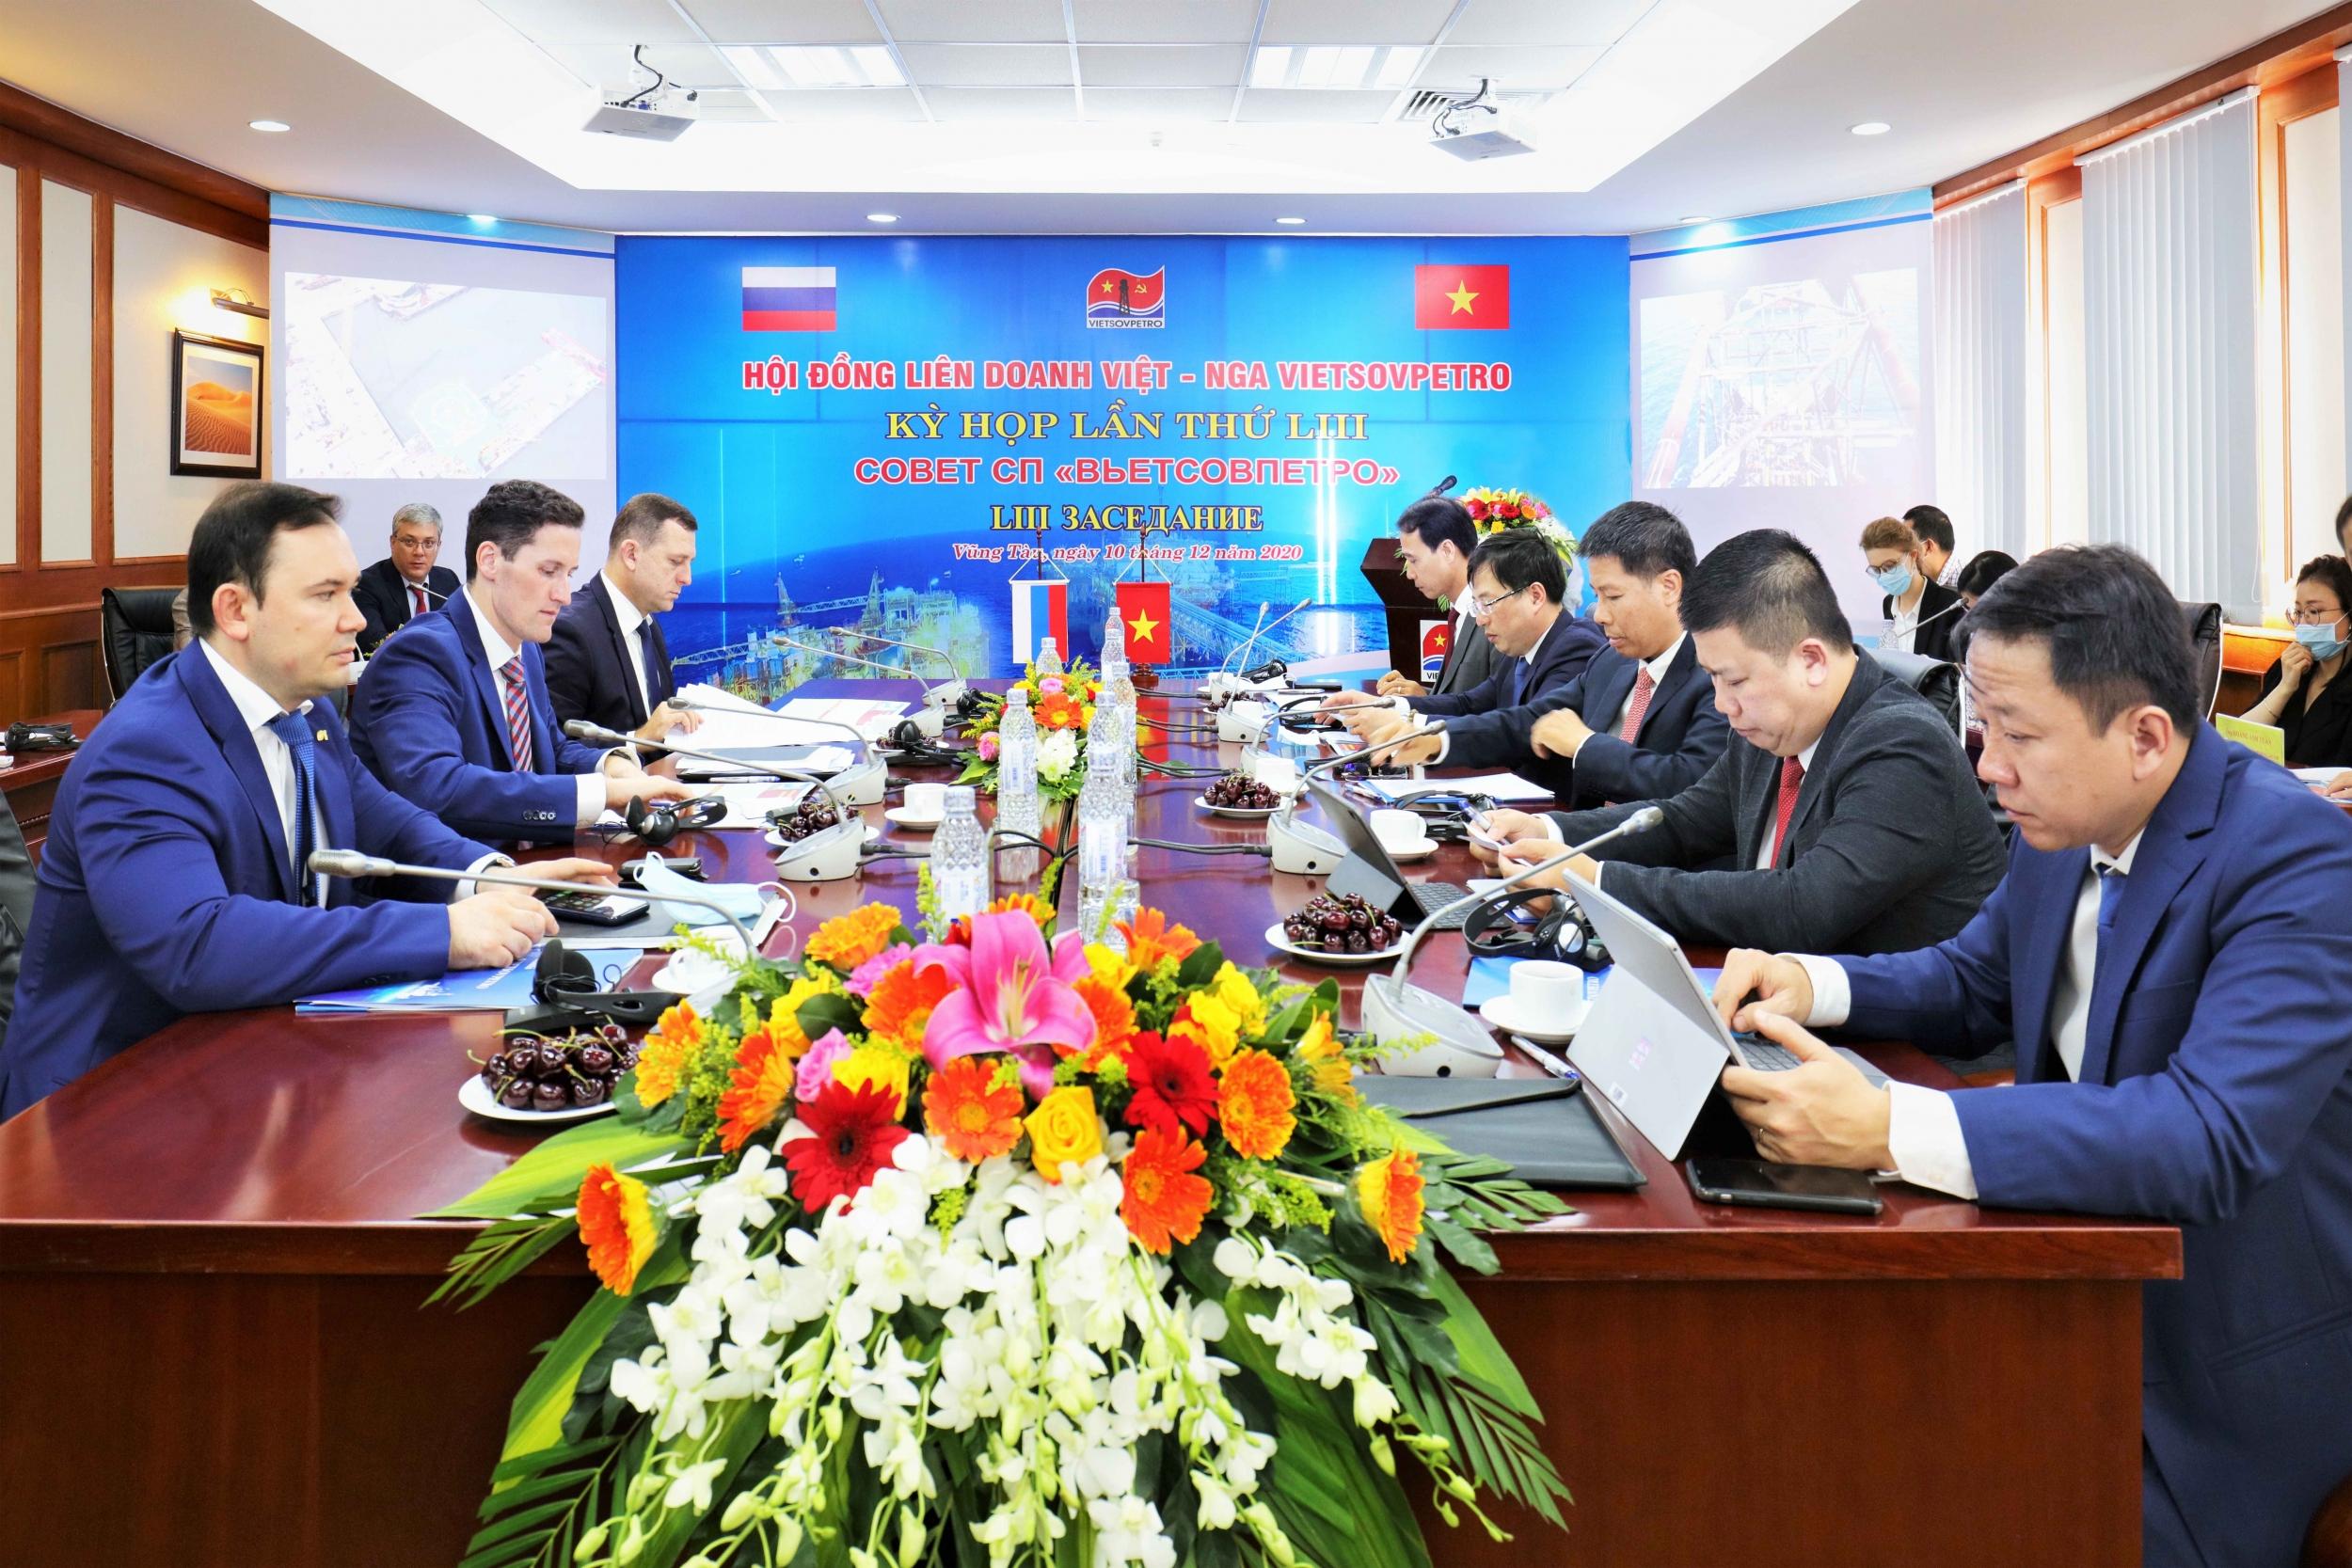 Kỳ họp Hội đồng Liên doanh Việt - Nga Vietsovpetro lần thứ 53 thành công tốt đẹp